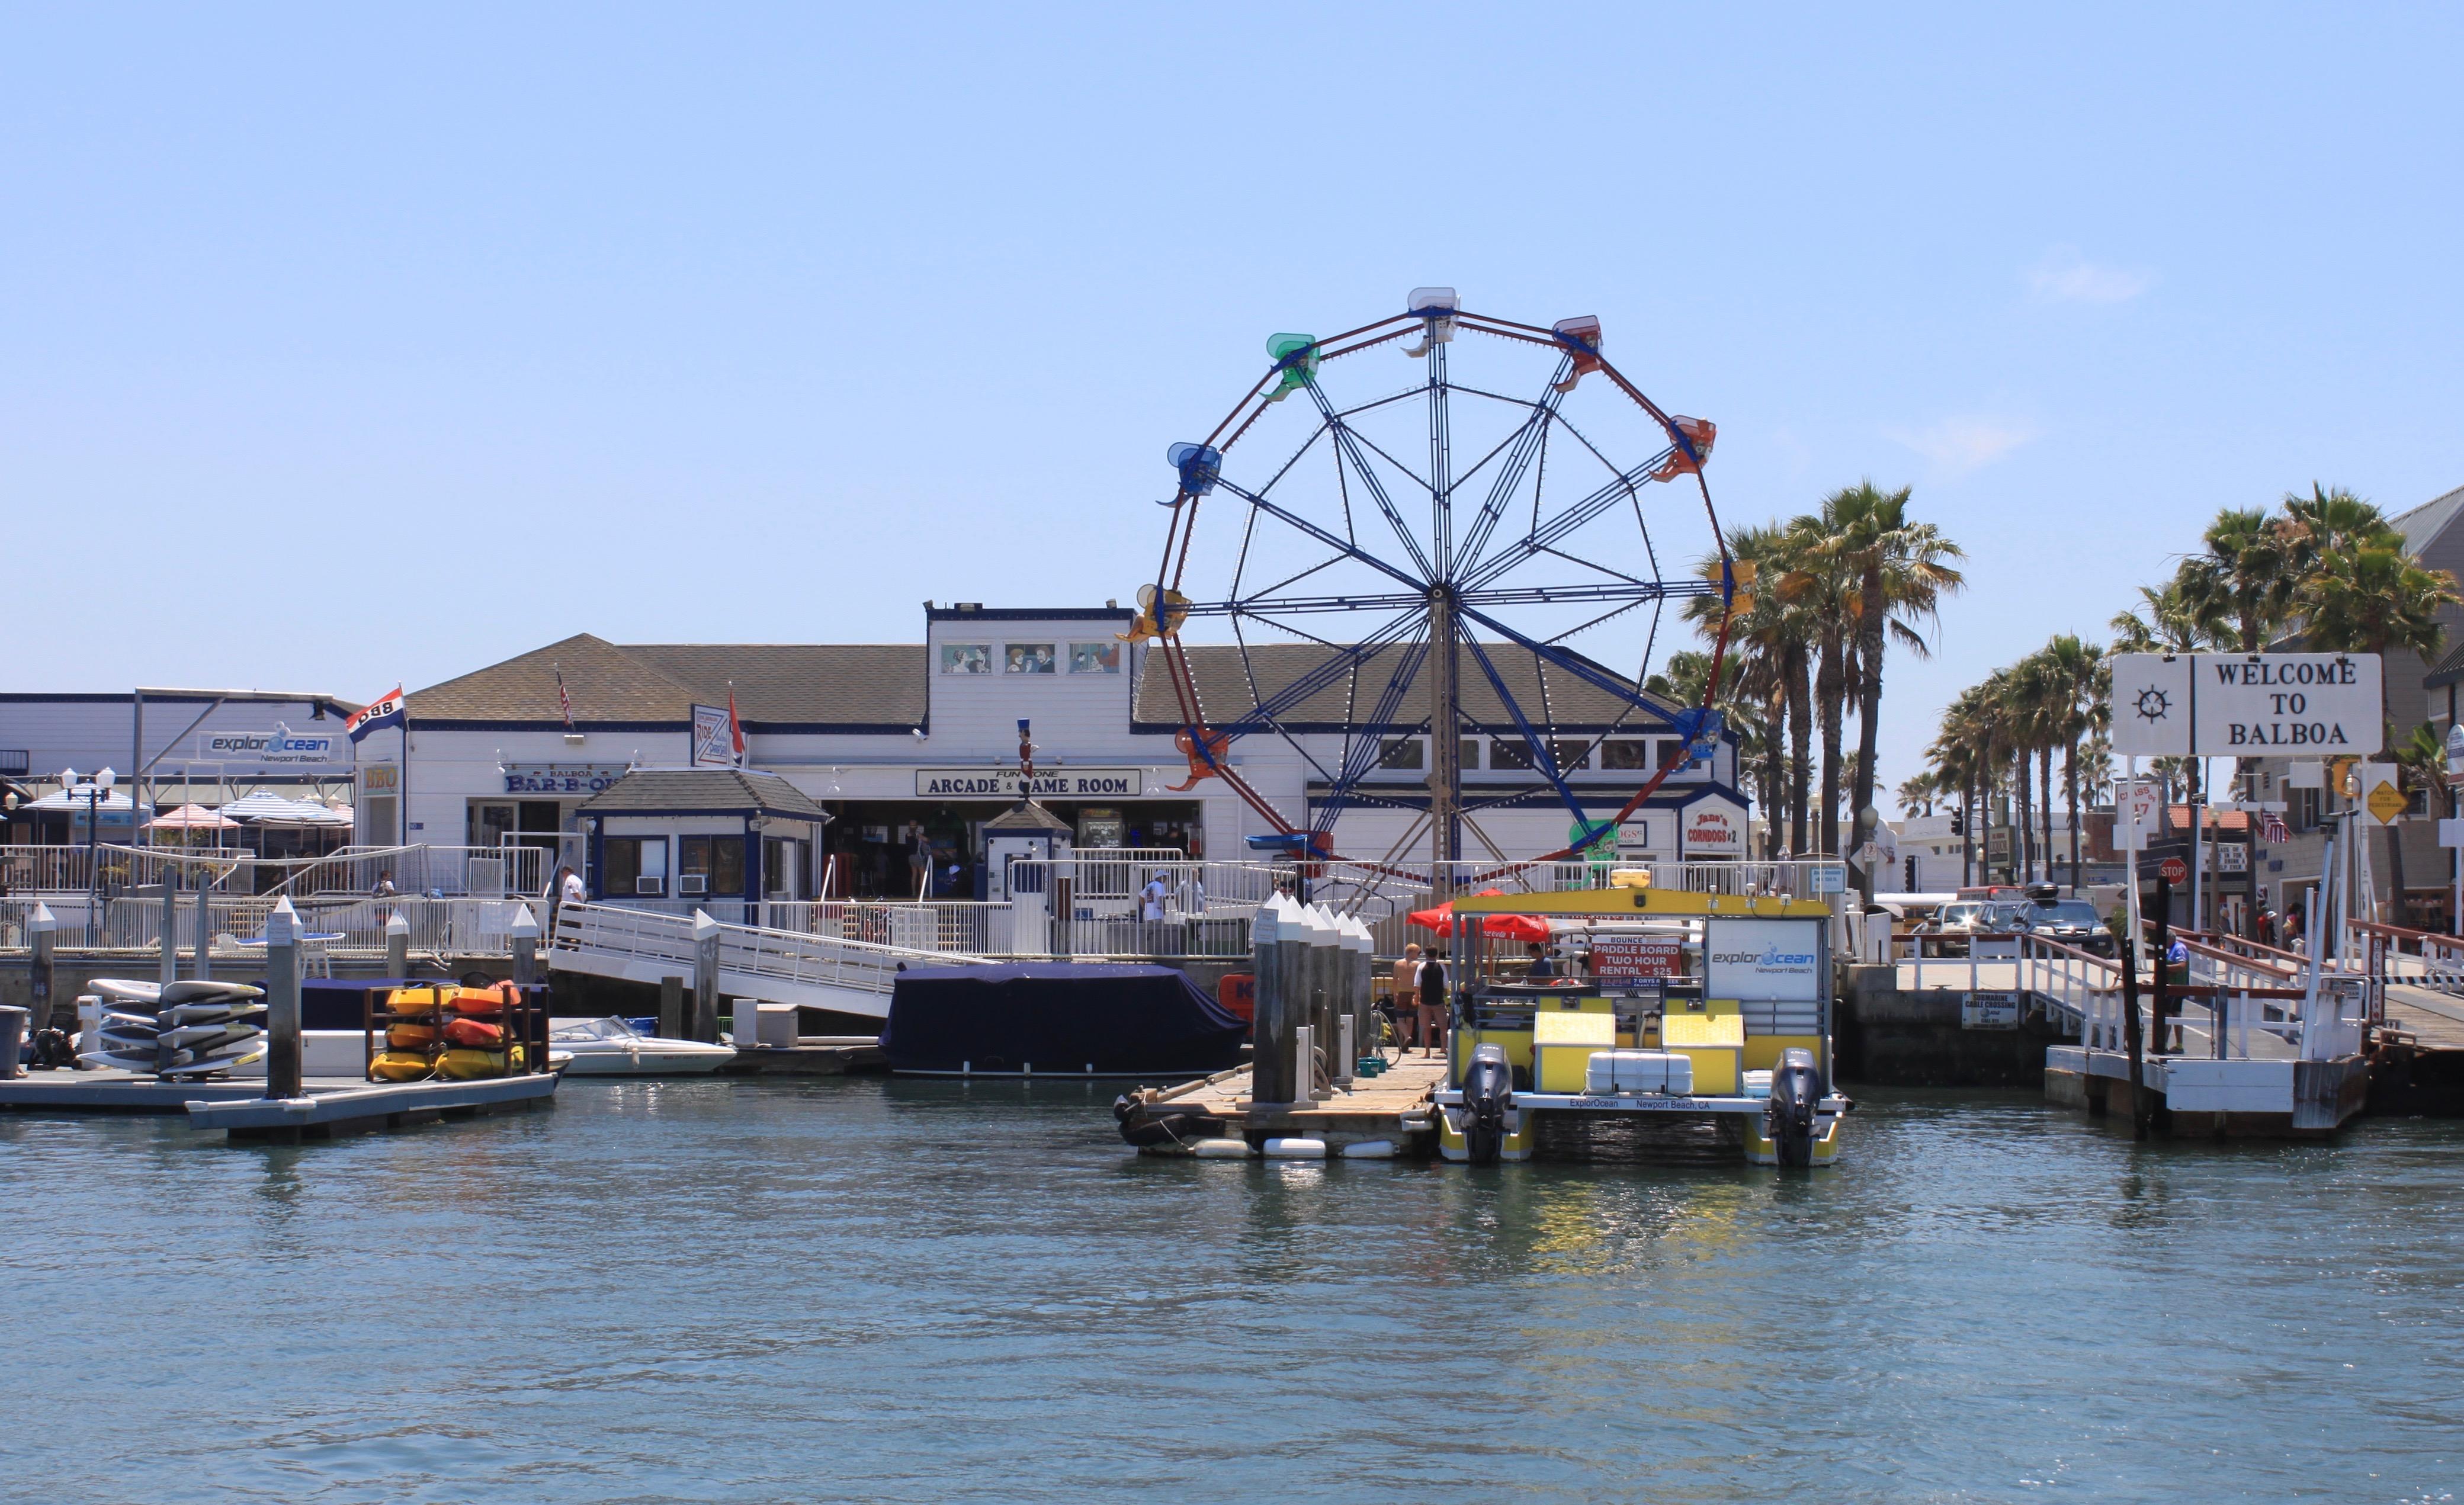 About Balboa Ferris Wheel